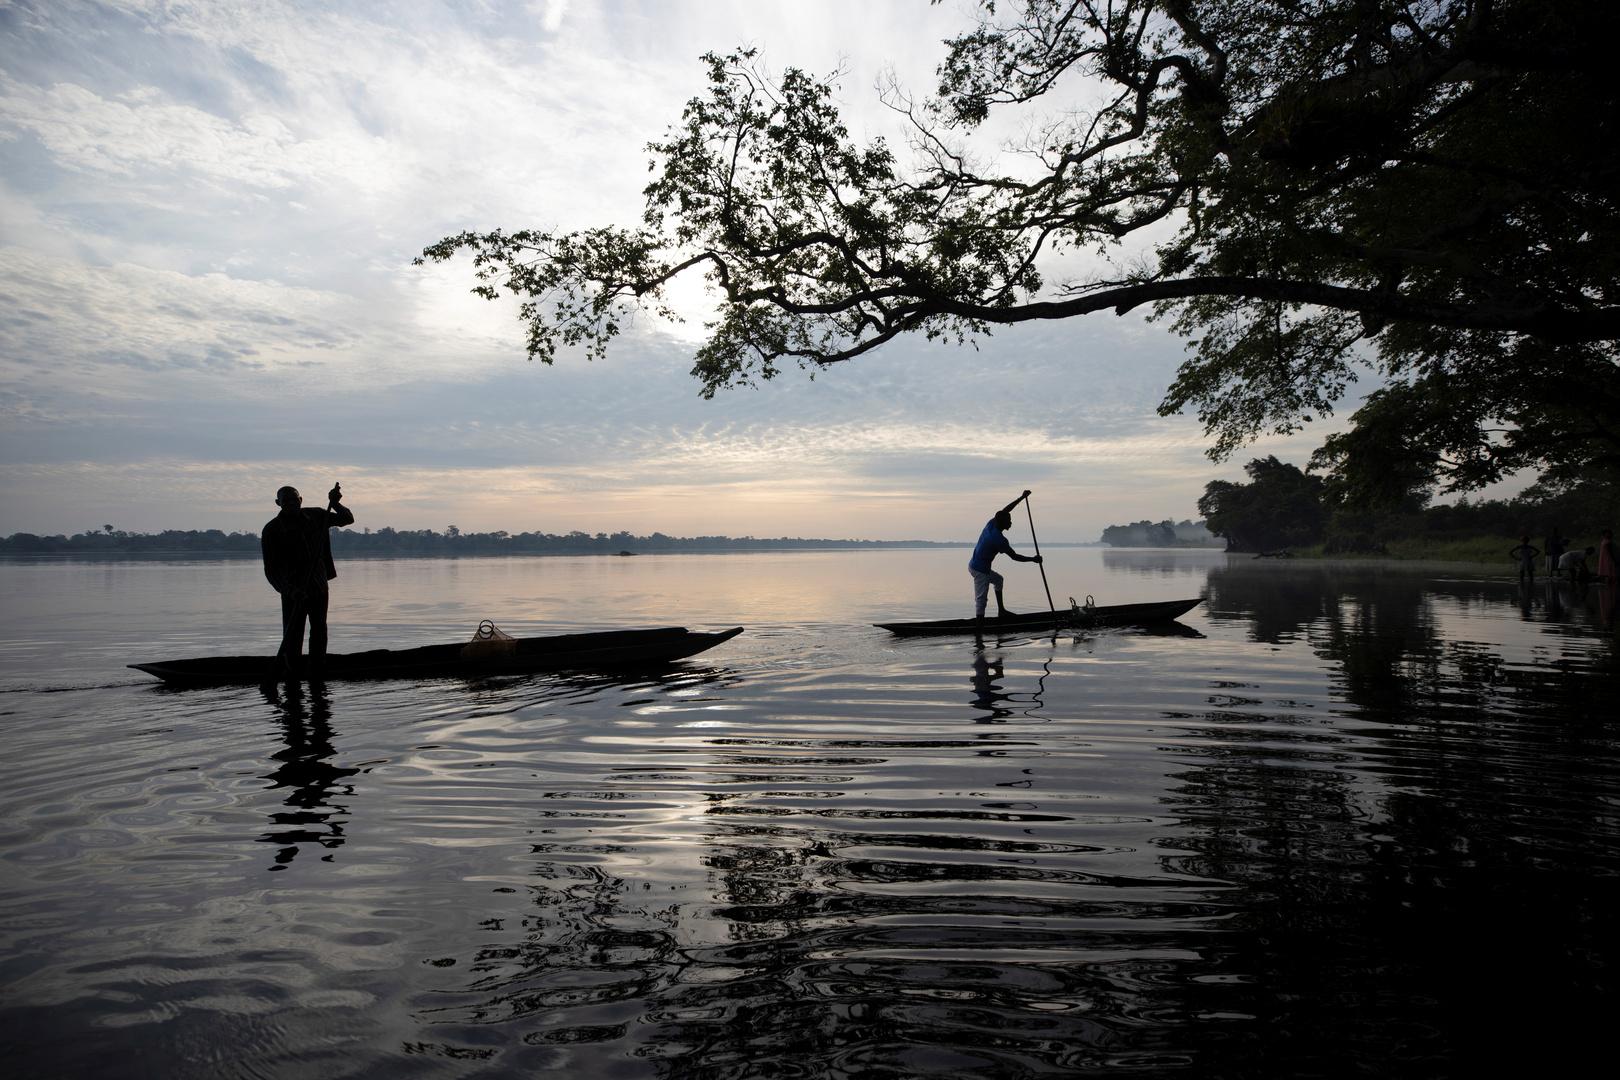 مقتل 60 شخصا على الأقل بحادث عبارة في نهر الكونغو